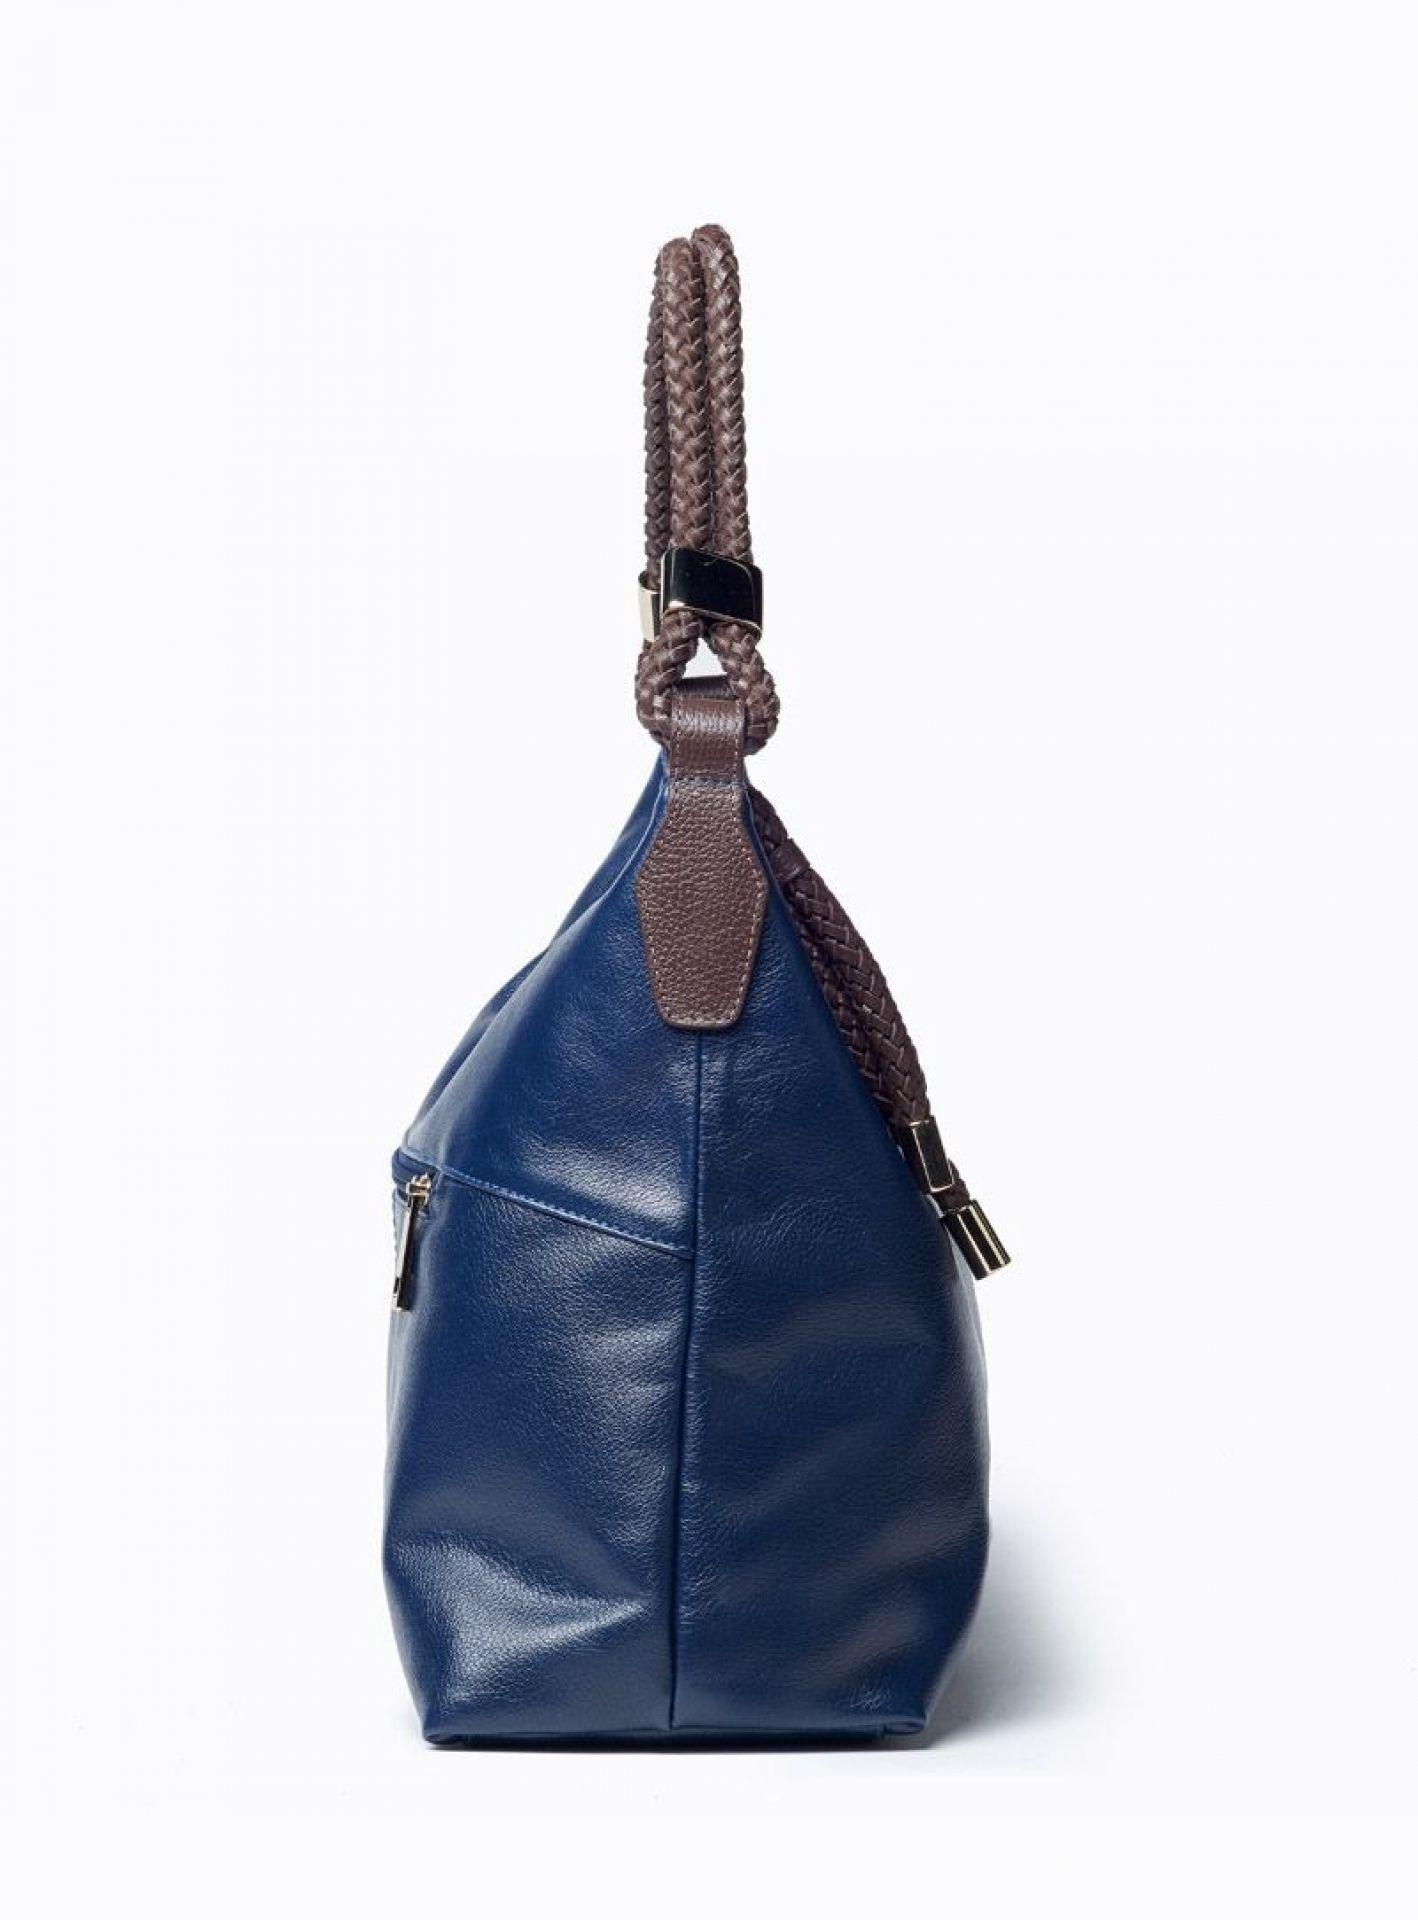 VIVER MOON NAVY LEATHER SHOULDER BAG